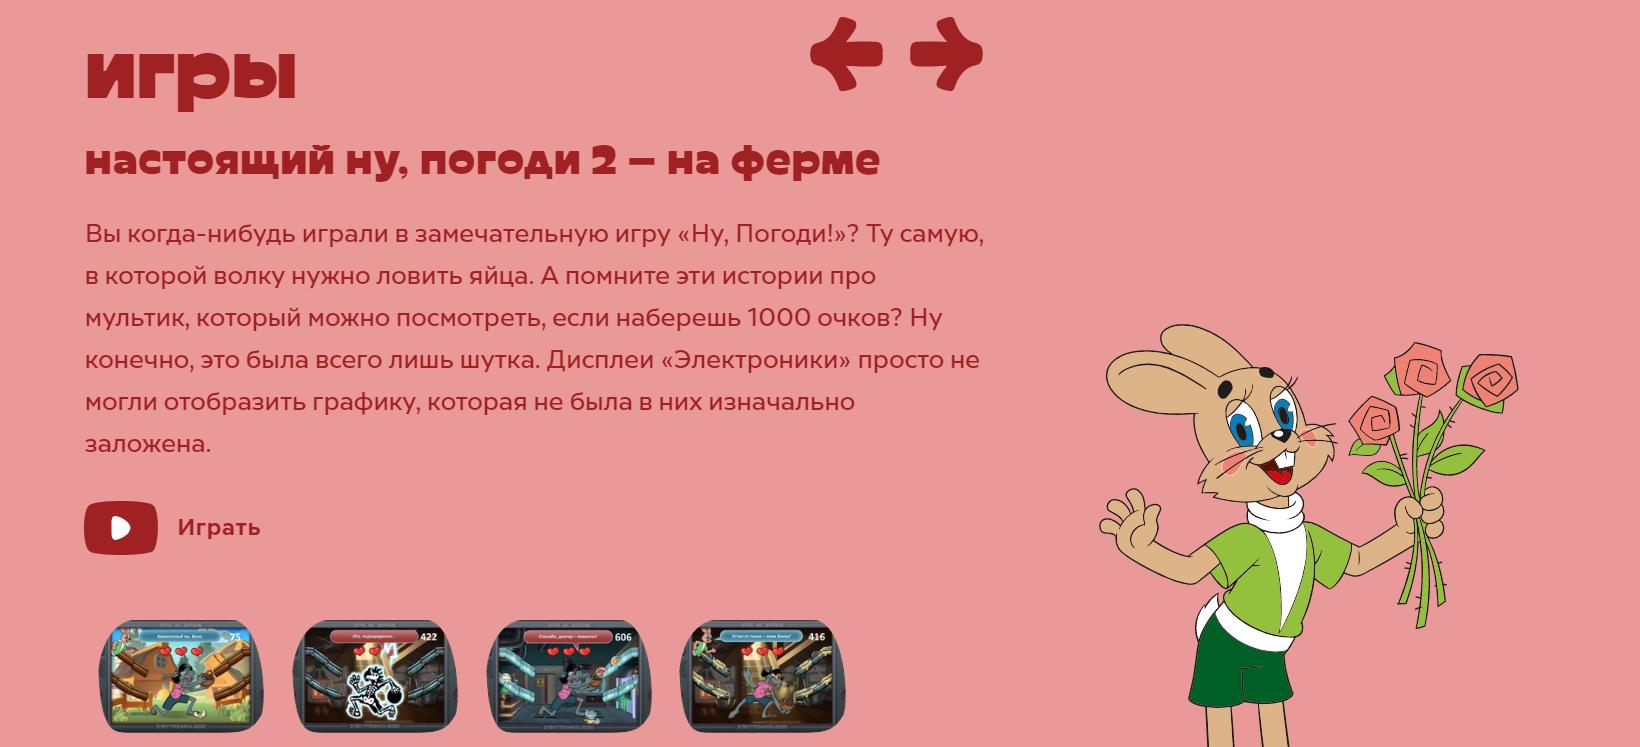 «Союзмультфильм» займется созданием контента для экосистемы Сбербанка